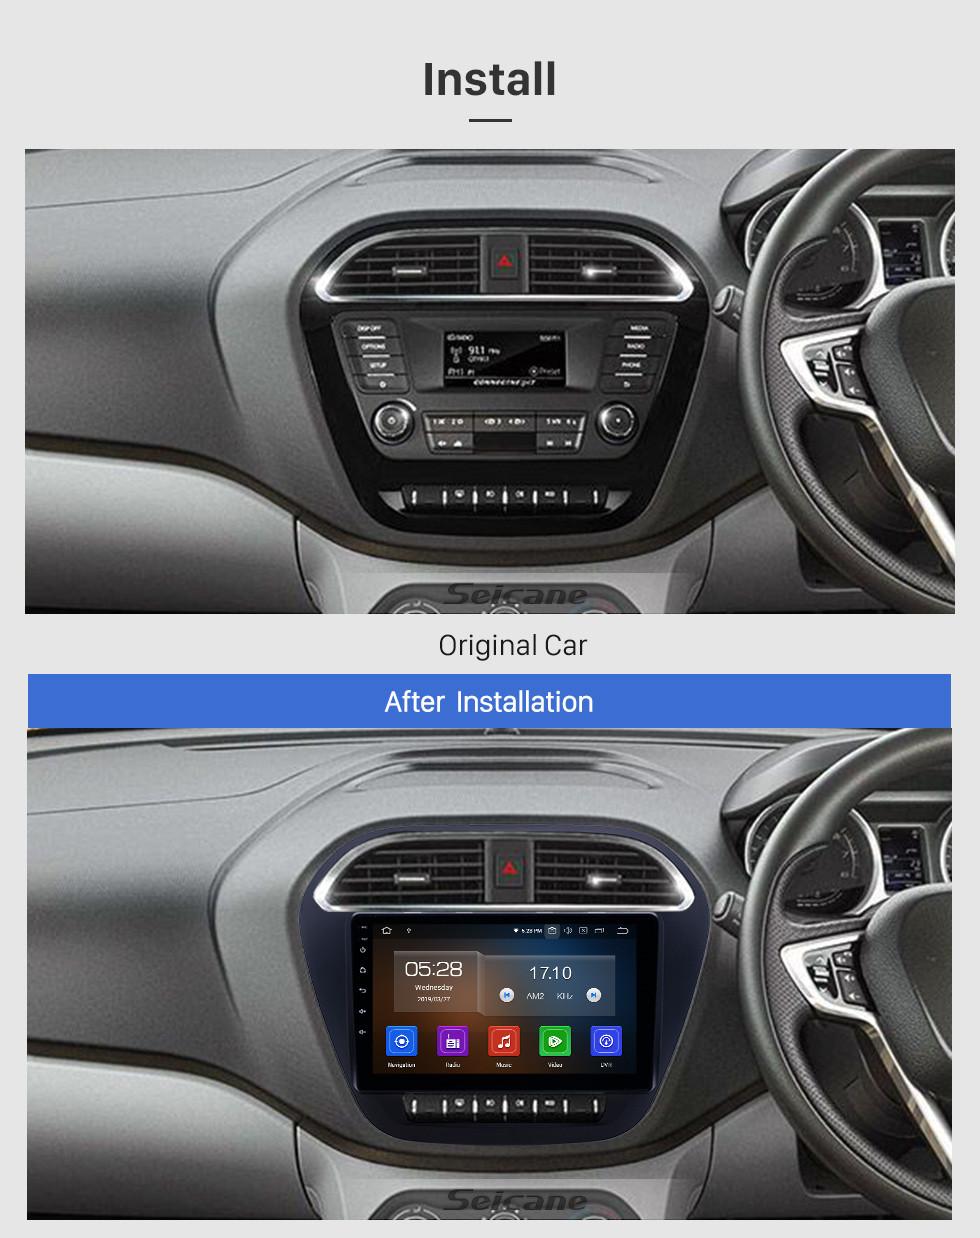 Seicane Pantalla táctil HD 2019 Tiago Nexon Android 9.0 Radio de navegación GPS de 9 pulgadas Bluetooth AUX Carplay compatible Cámara trasera DAB + OBD2